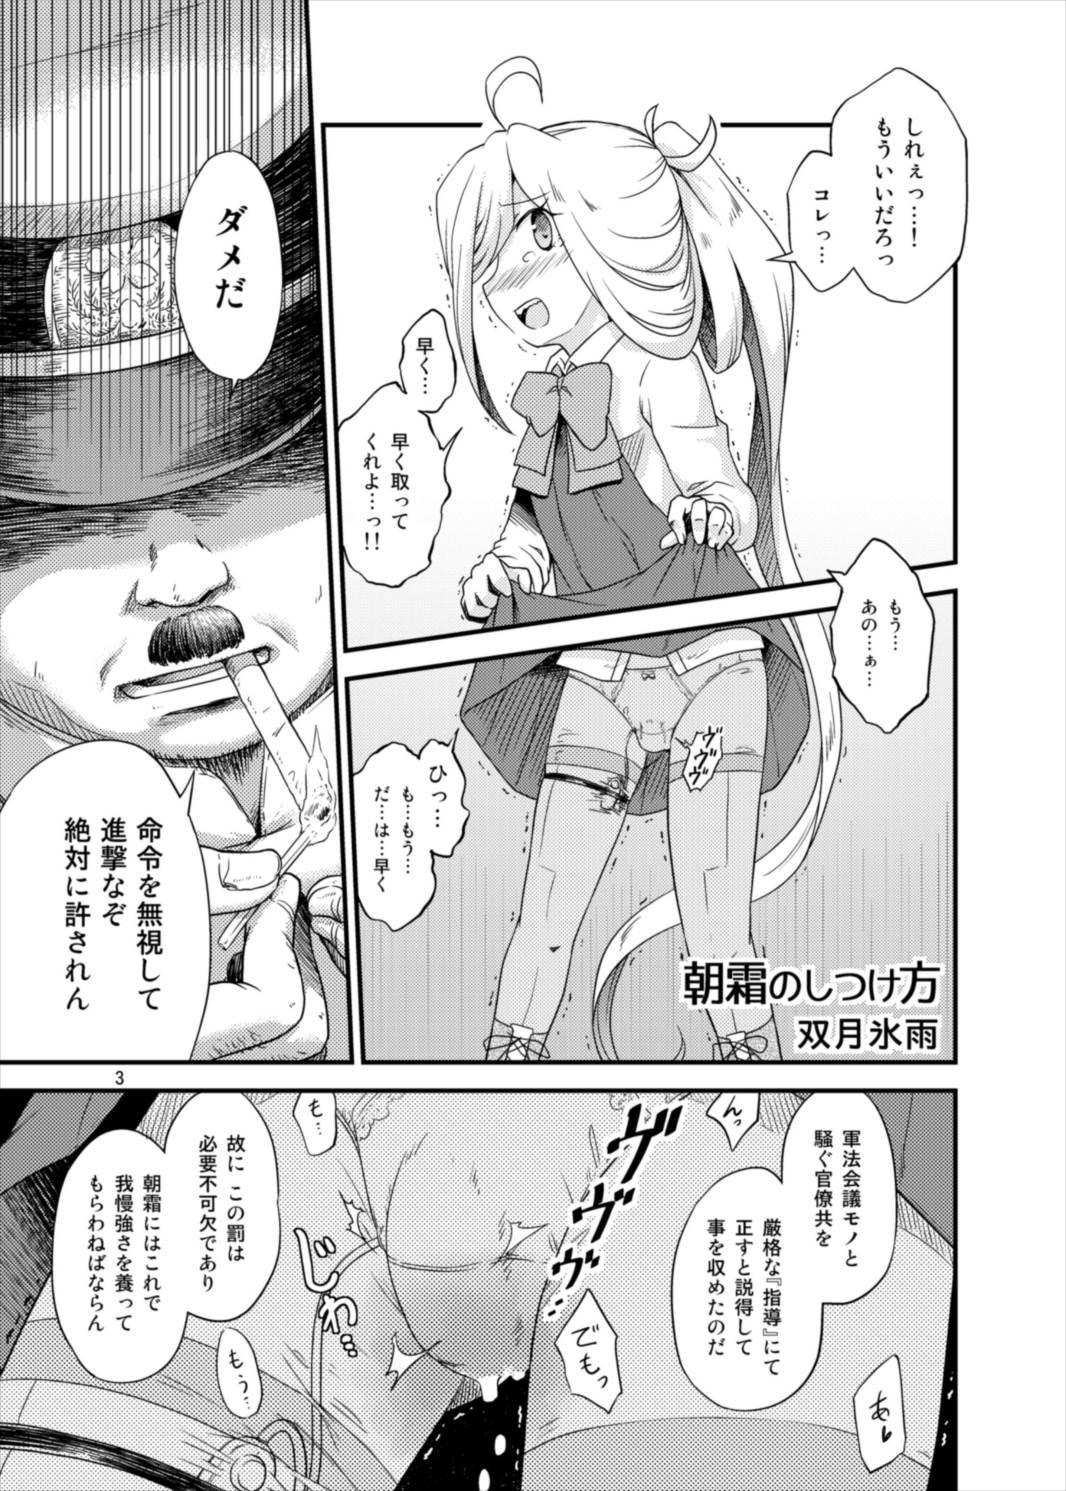 Yuugumo-gata Omnibus 2